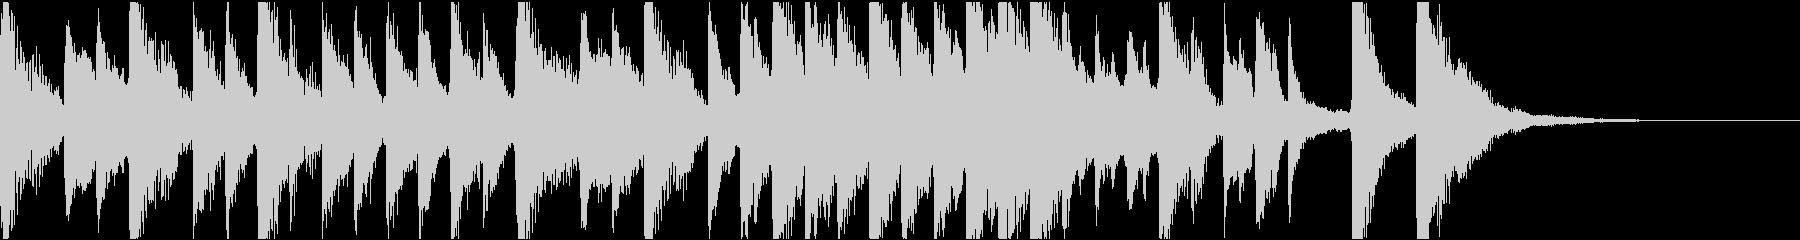 クラシック調のコミカル/ジングルの未再生の波形